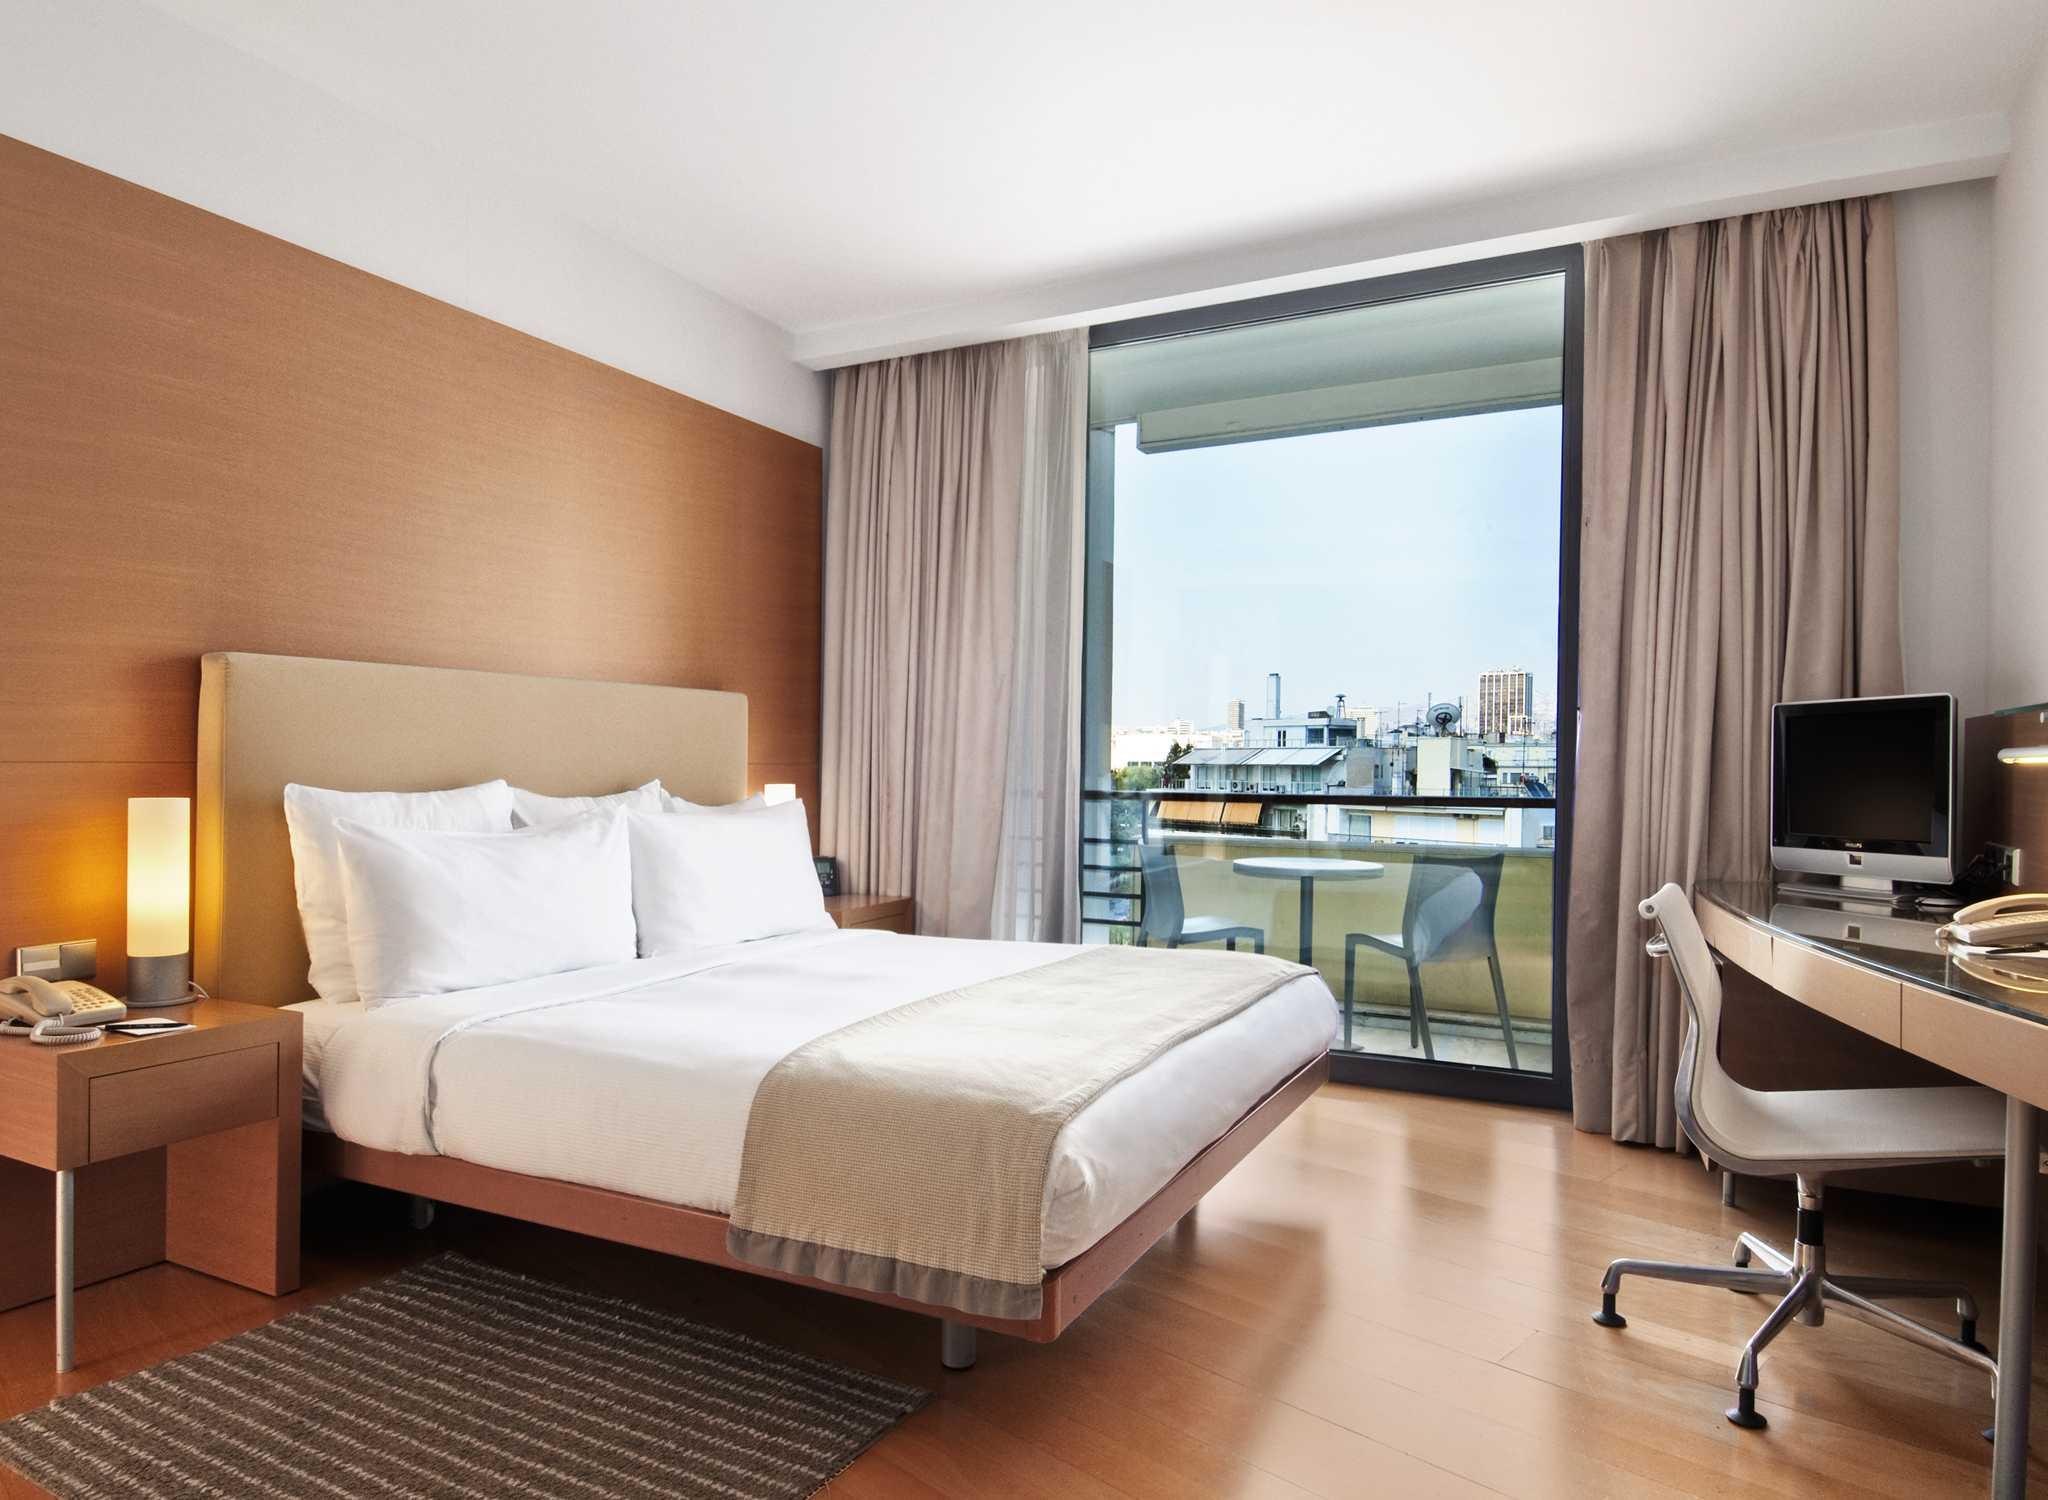 Hilton Athens Hotel Griechenland Zimmer Mit King Size Bett